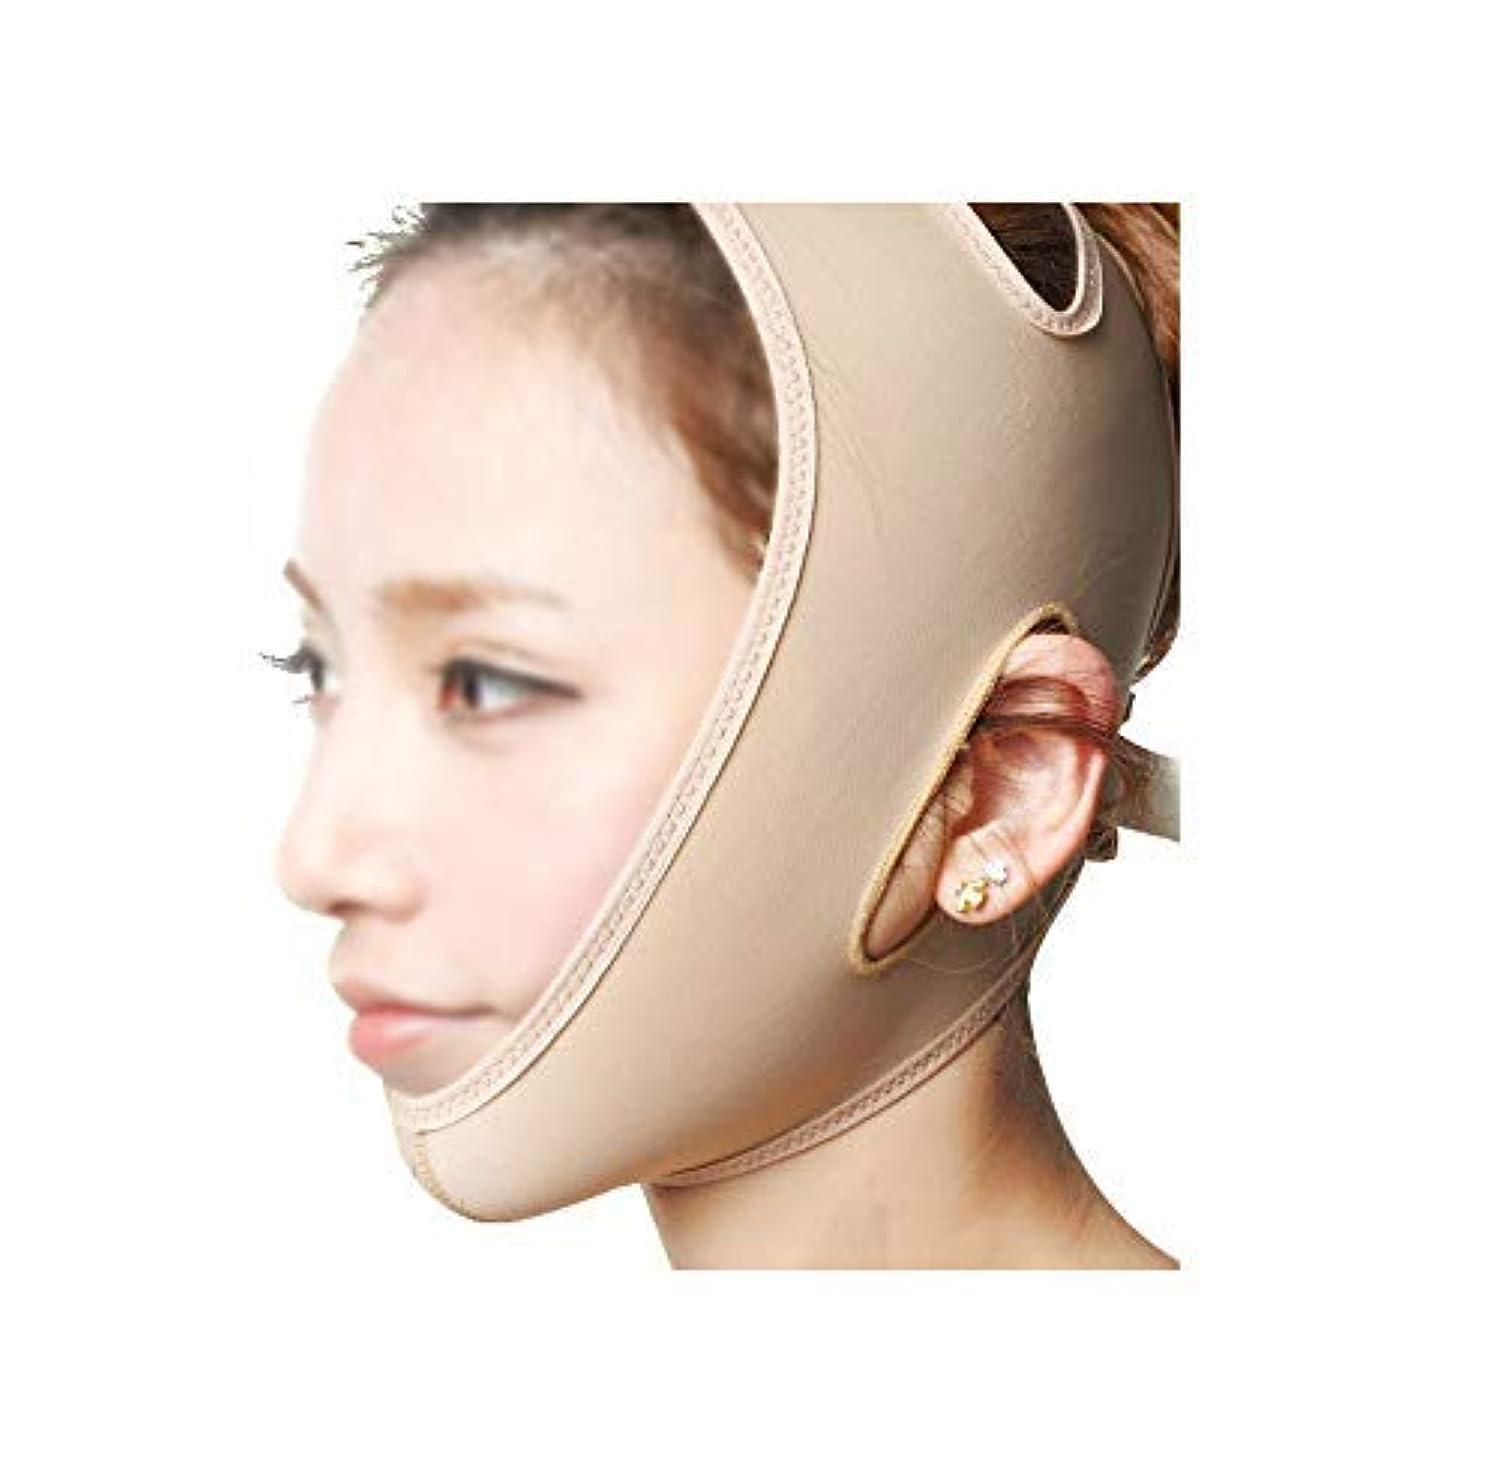 どんなときもパーセント徹底的にフェイスリフティングバンデージ、フェイスマスク3Dパネルデザイン、通気性に優れたライクラ素材の物理的なVフェイス、美しい顔の輪郭の作成(サイズ:S),ザ?